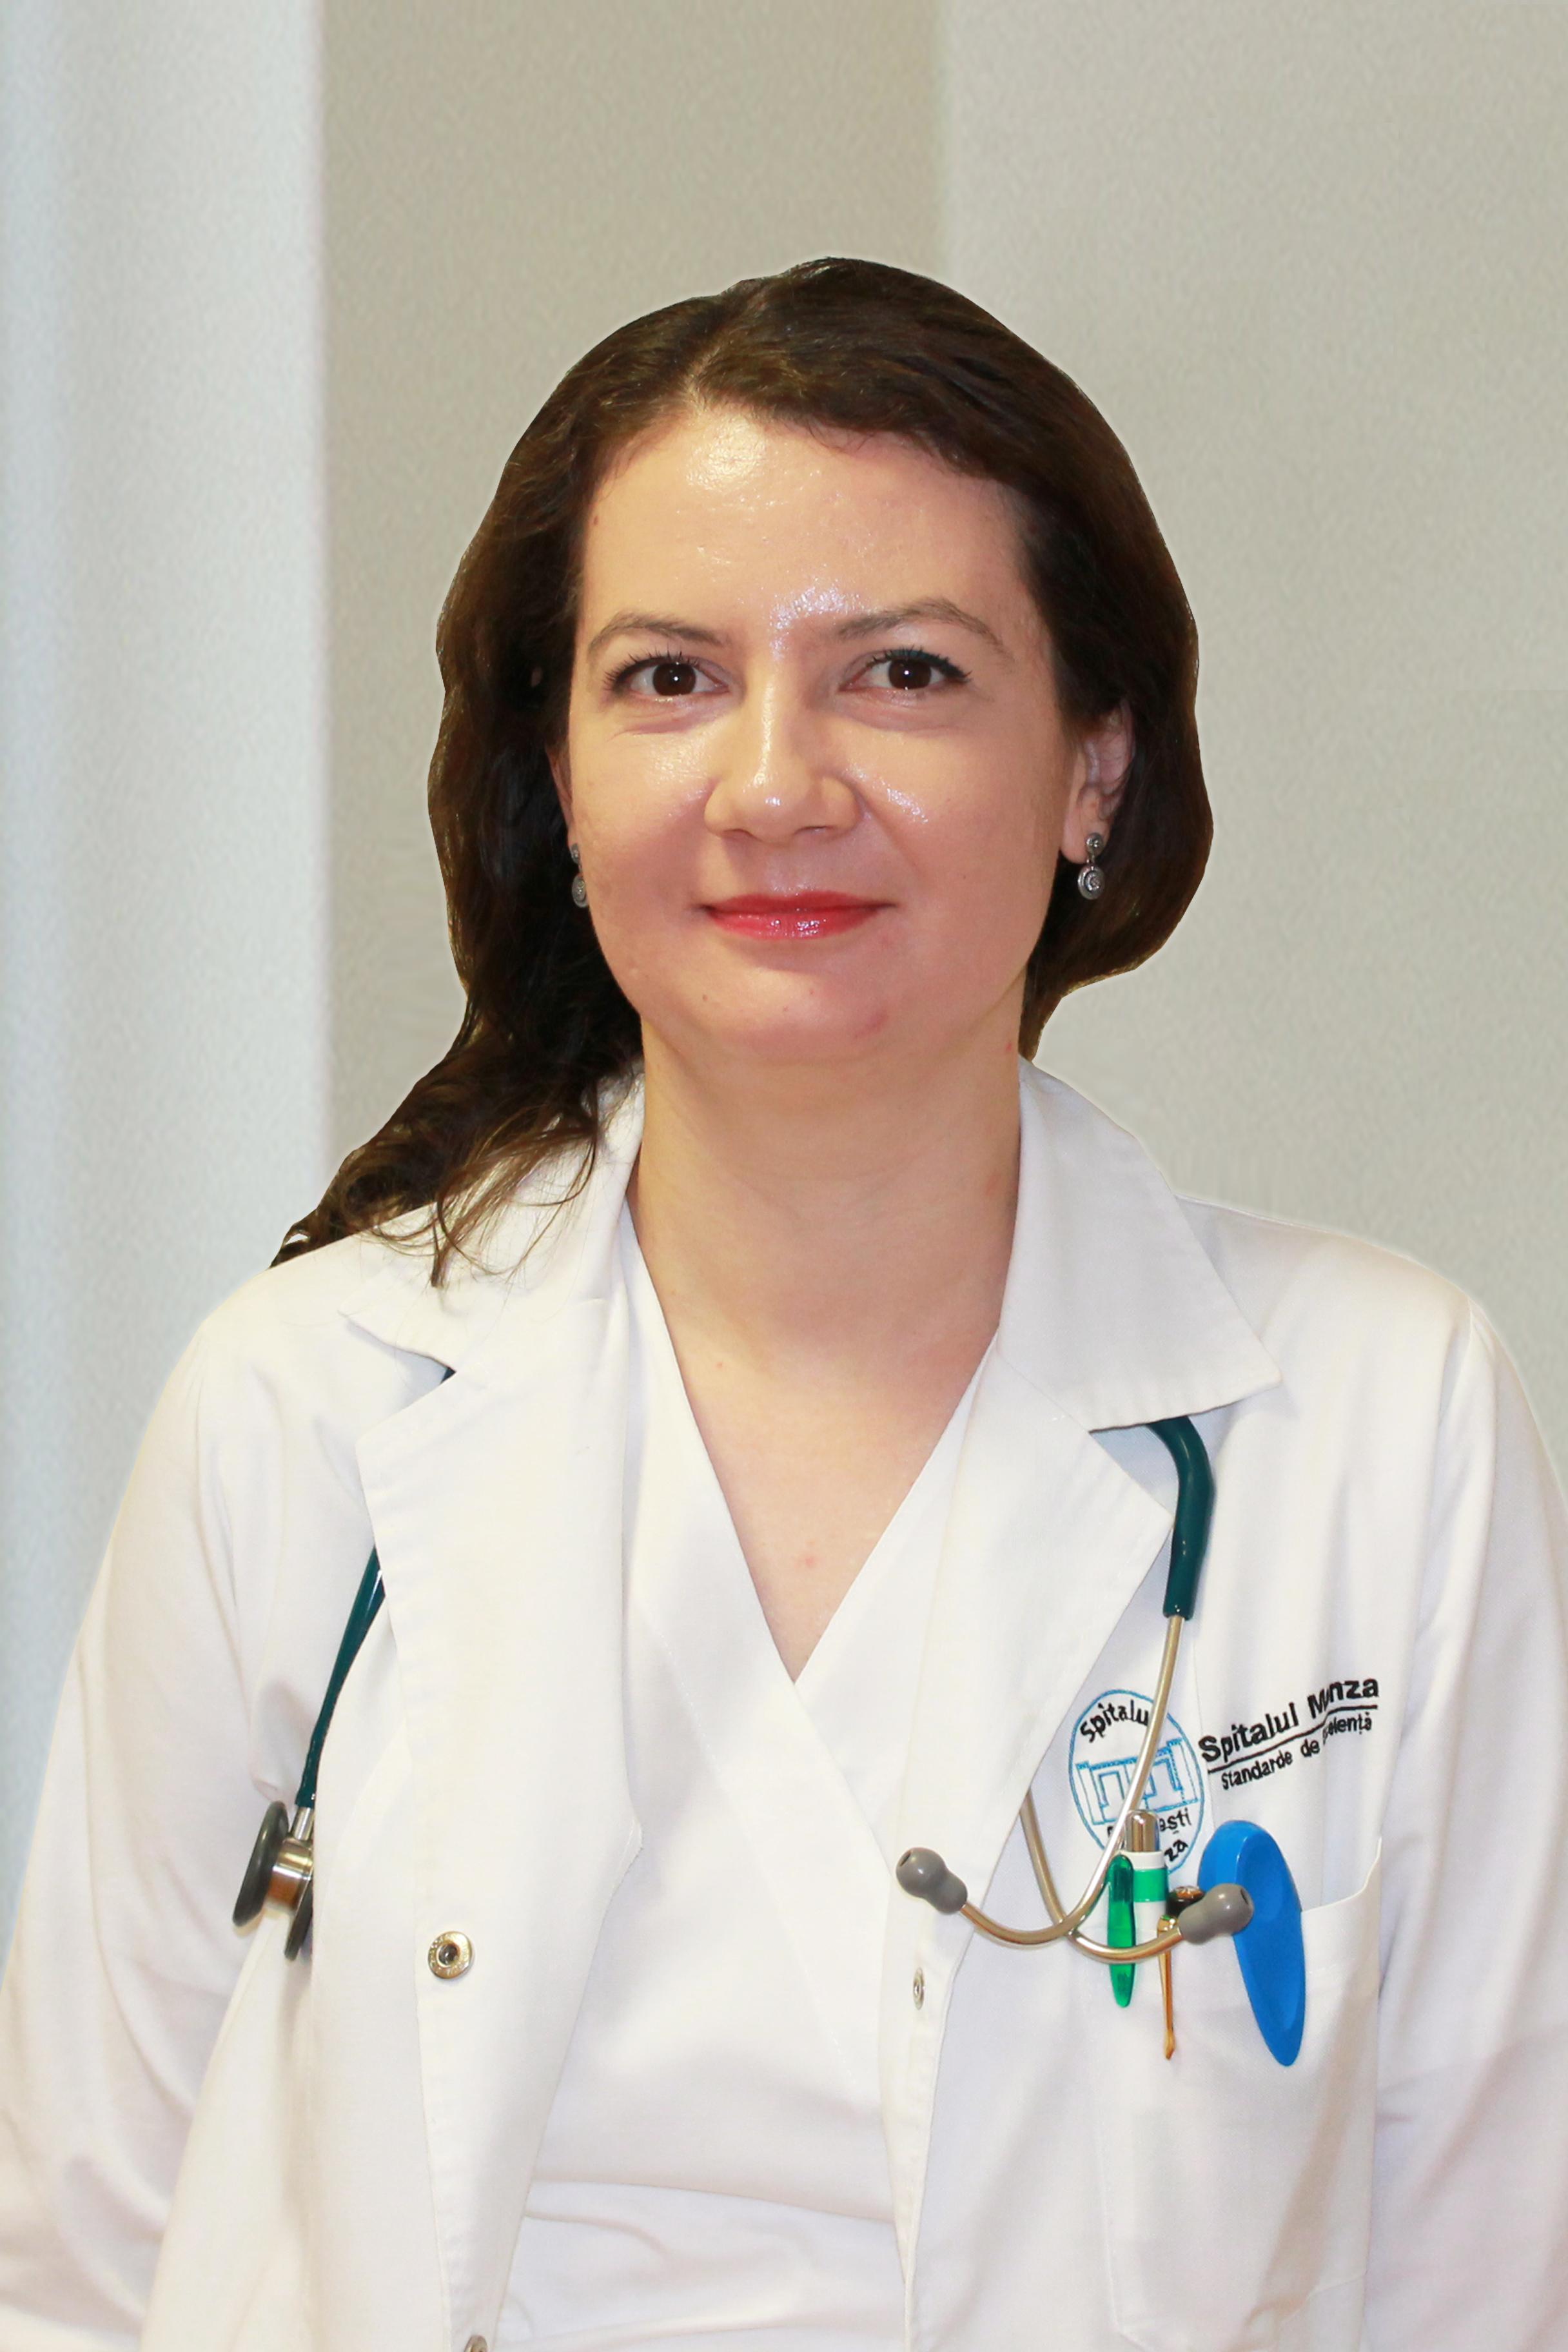 Dr. Daniela Calofir